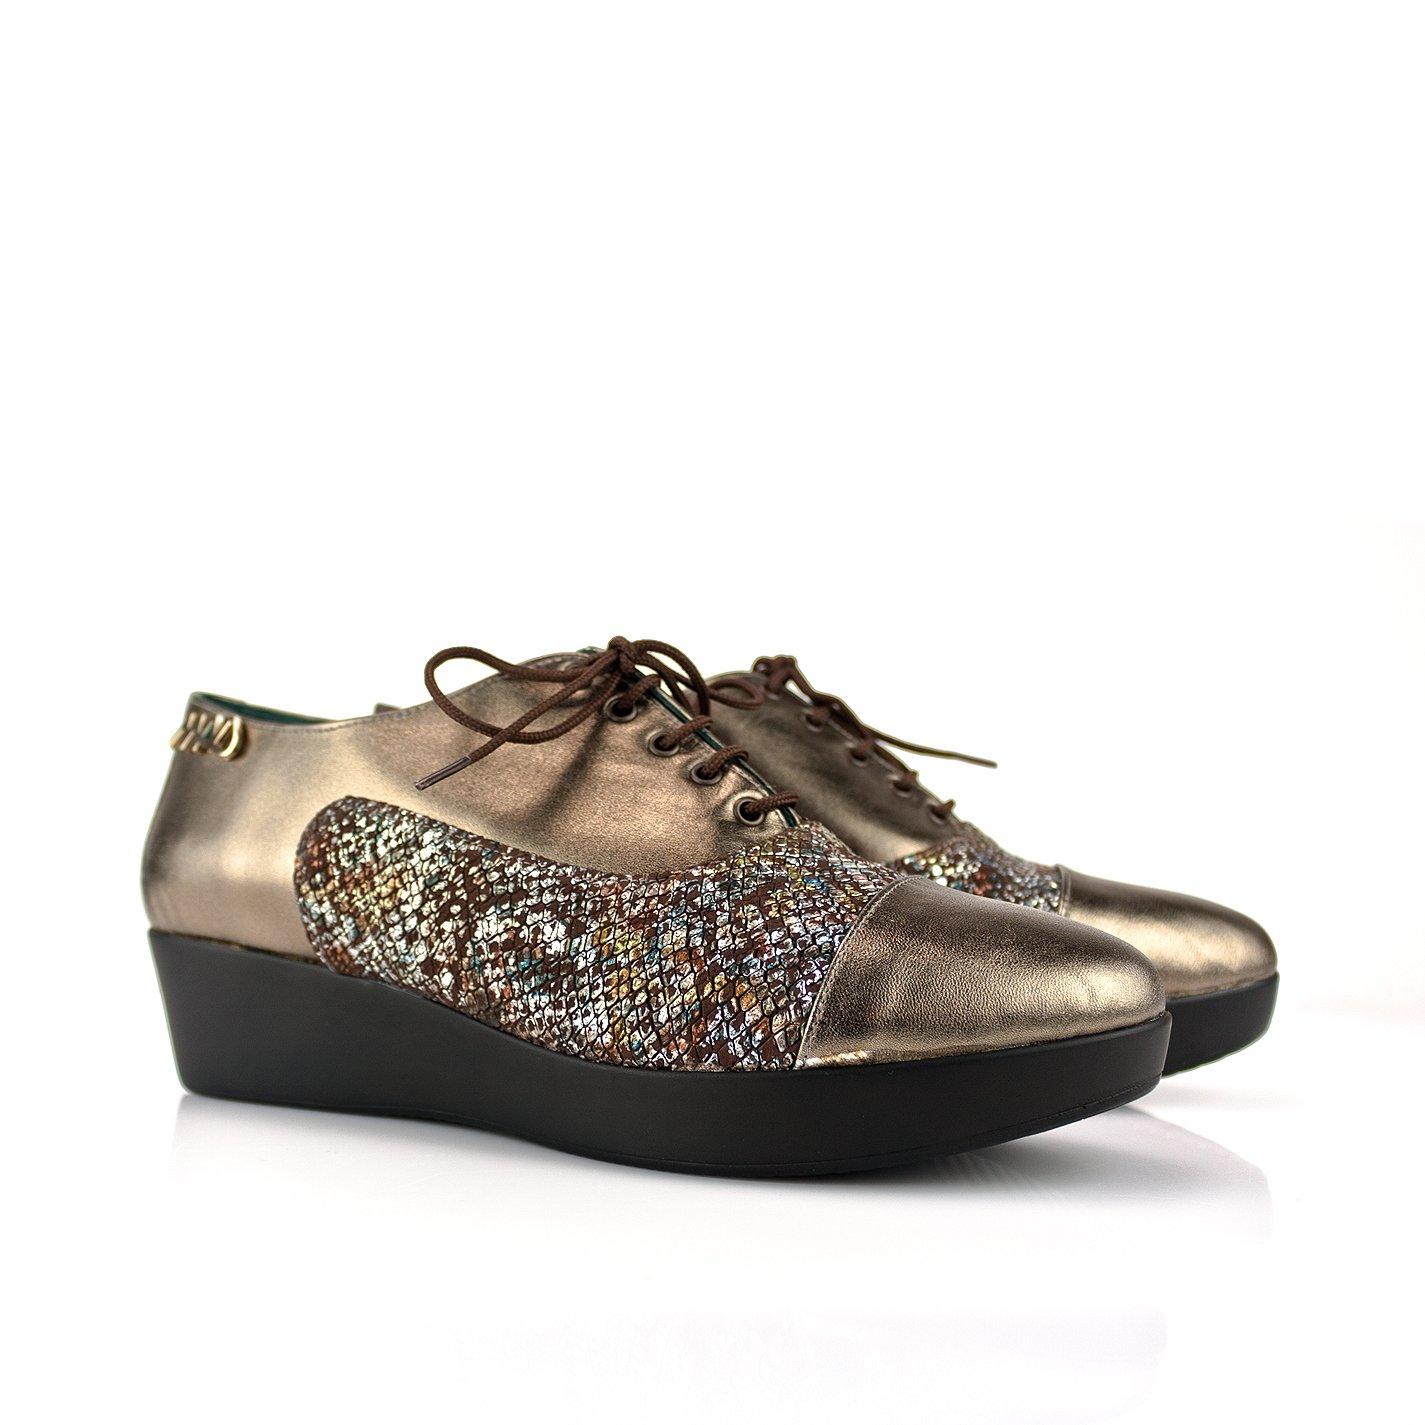 Mad in Mad Zapatos con cordones de mujer con plataforma. Hechos a mano en piel 40 EU|Piel metalizada